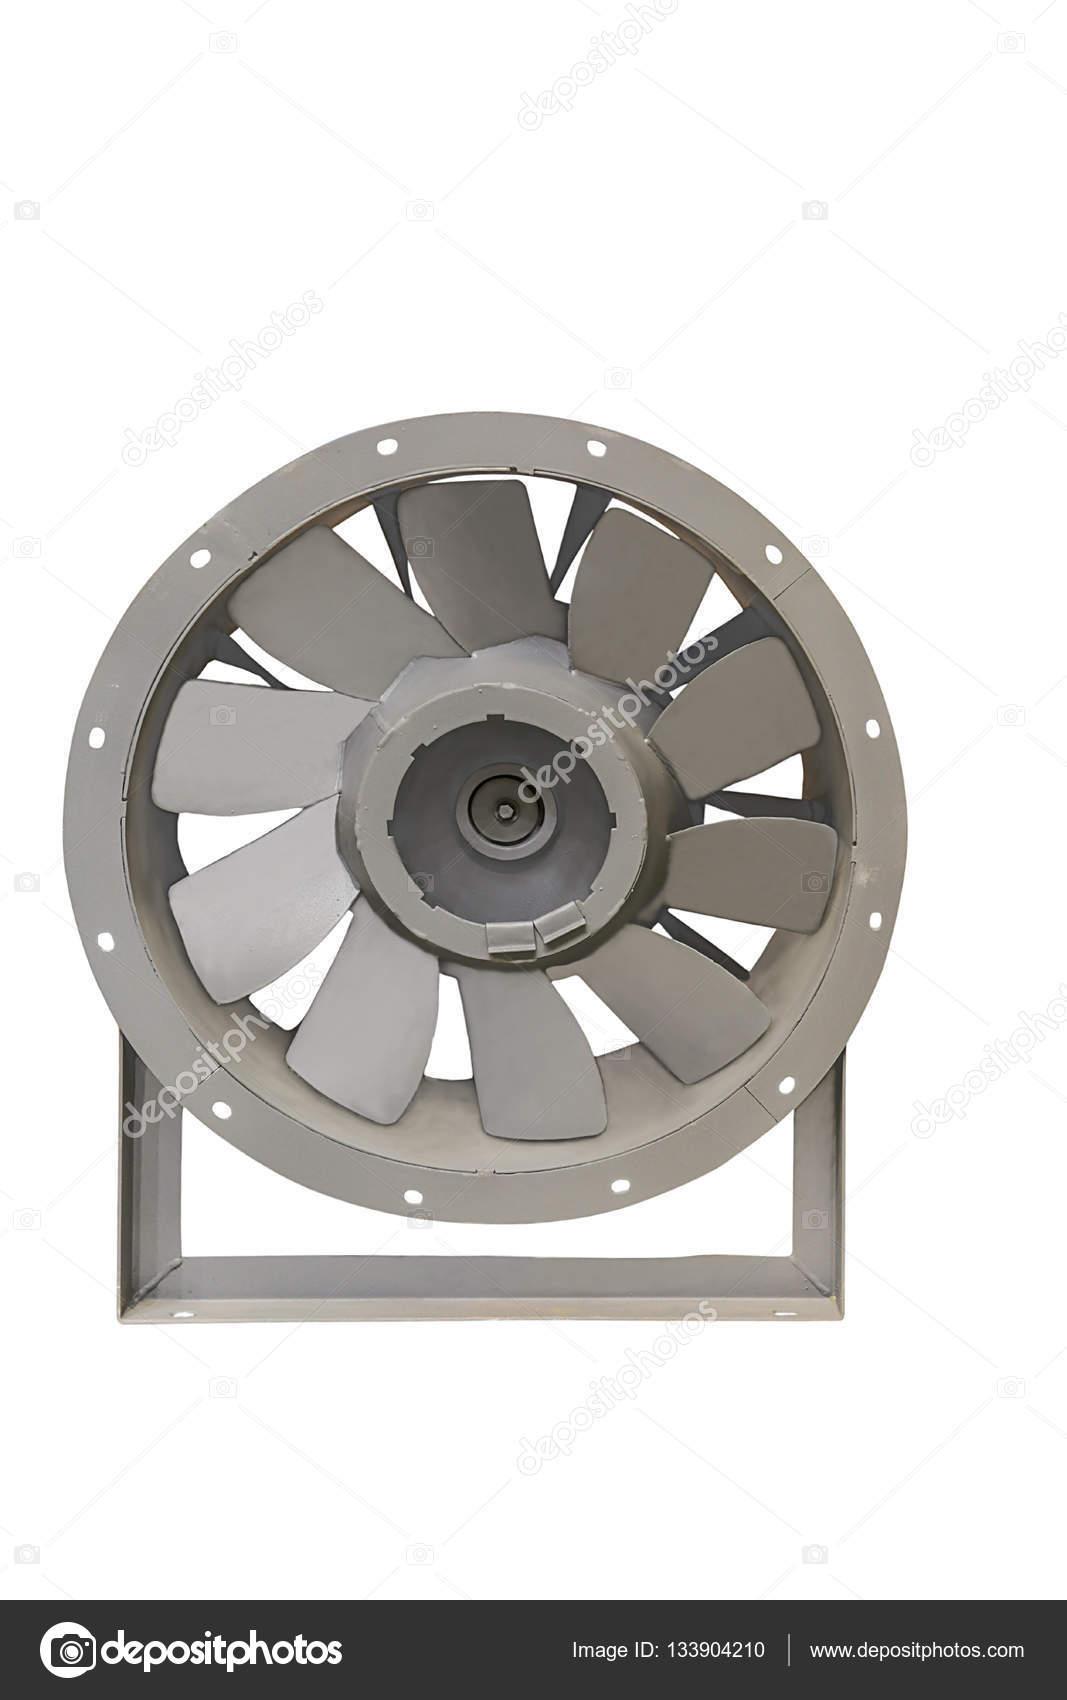 Moderne Ventilatoren modernen industriellen ventilatoren closeup isoliert auf weißem